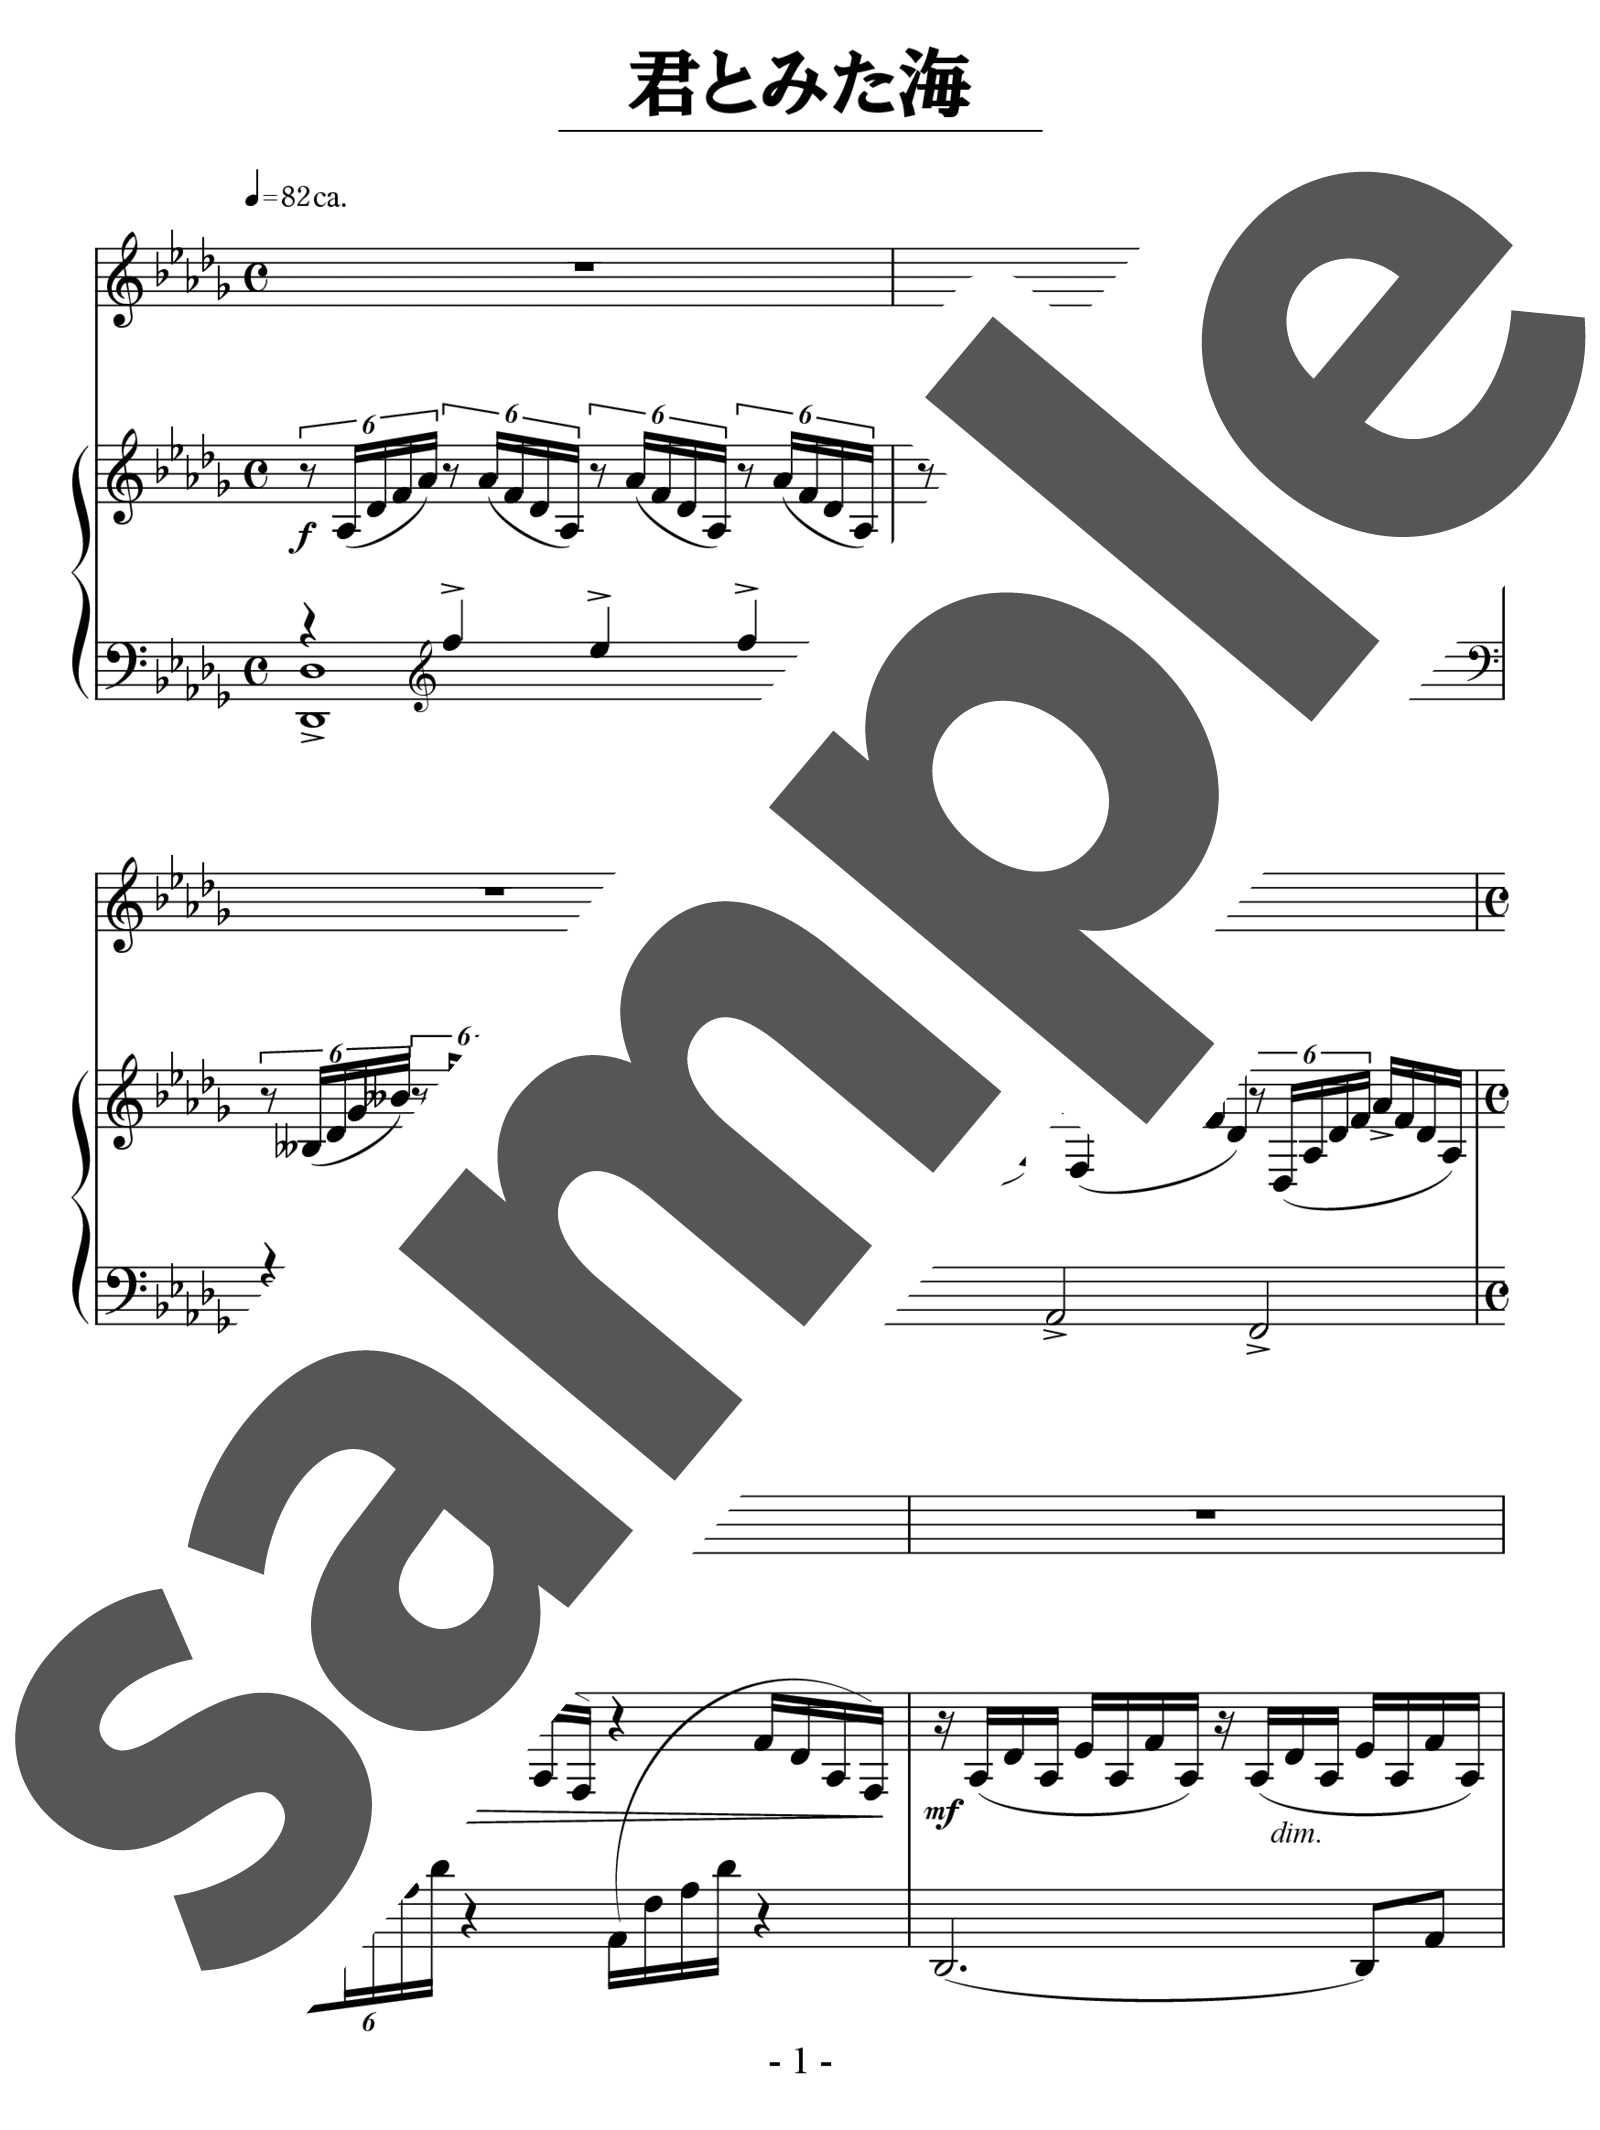 「君とみた海」のサンプル楽譜